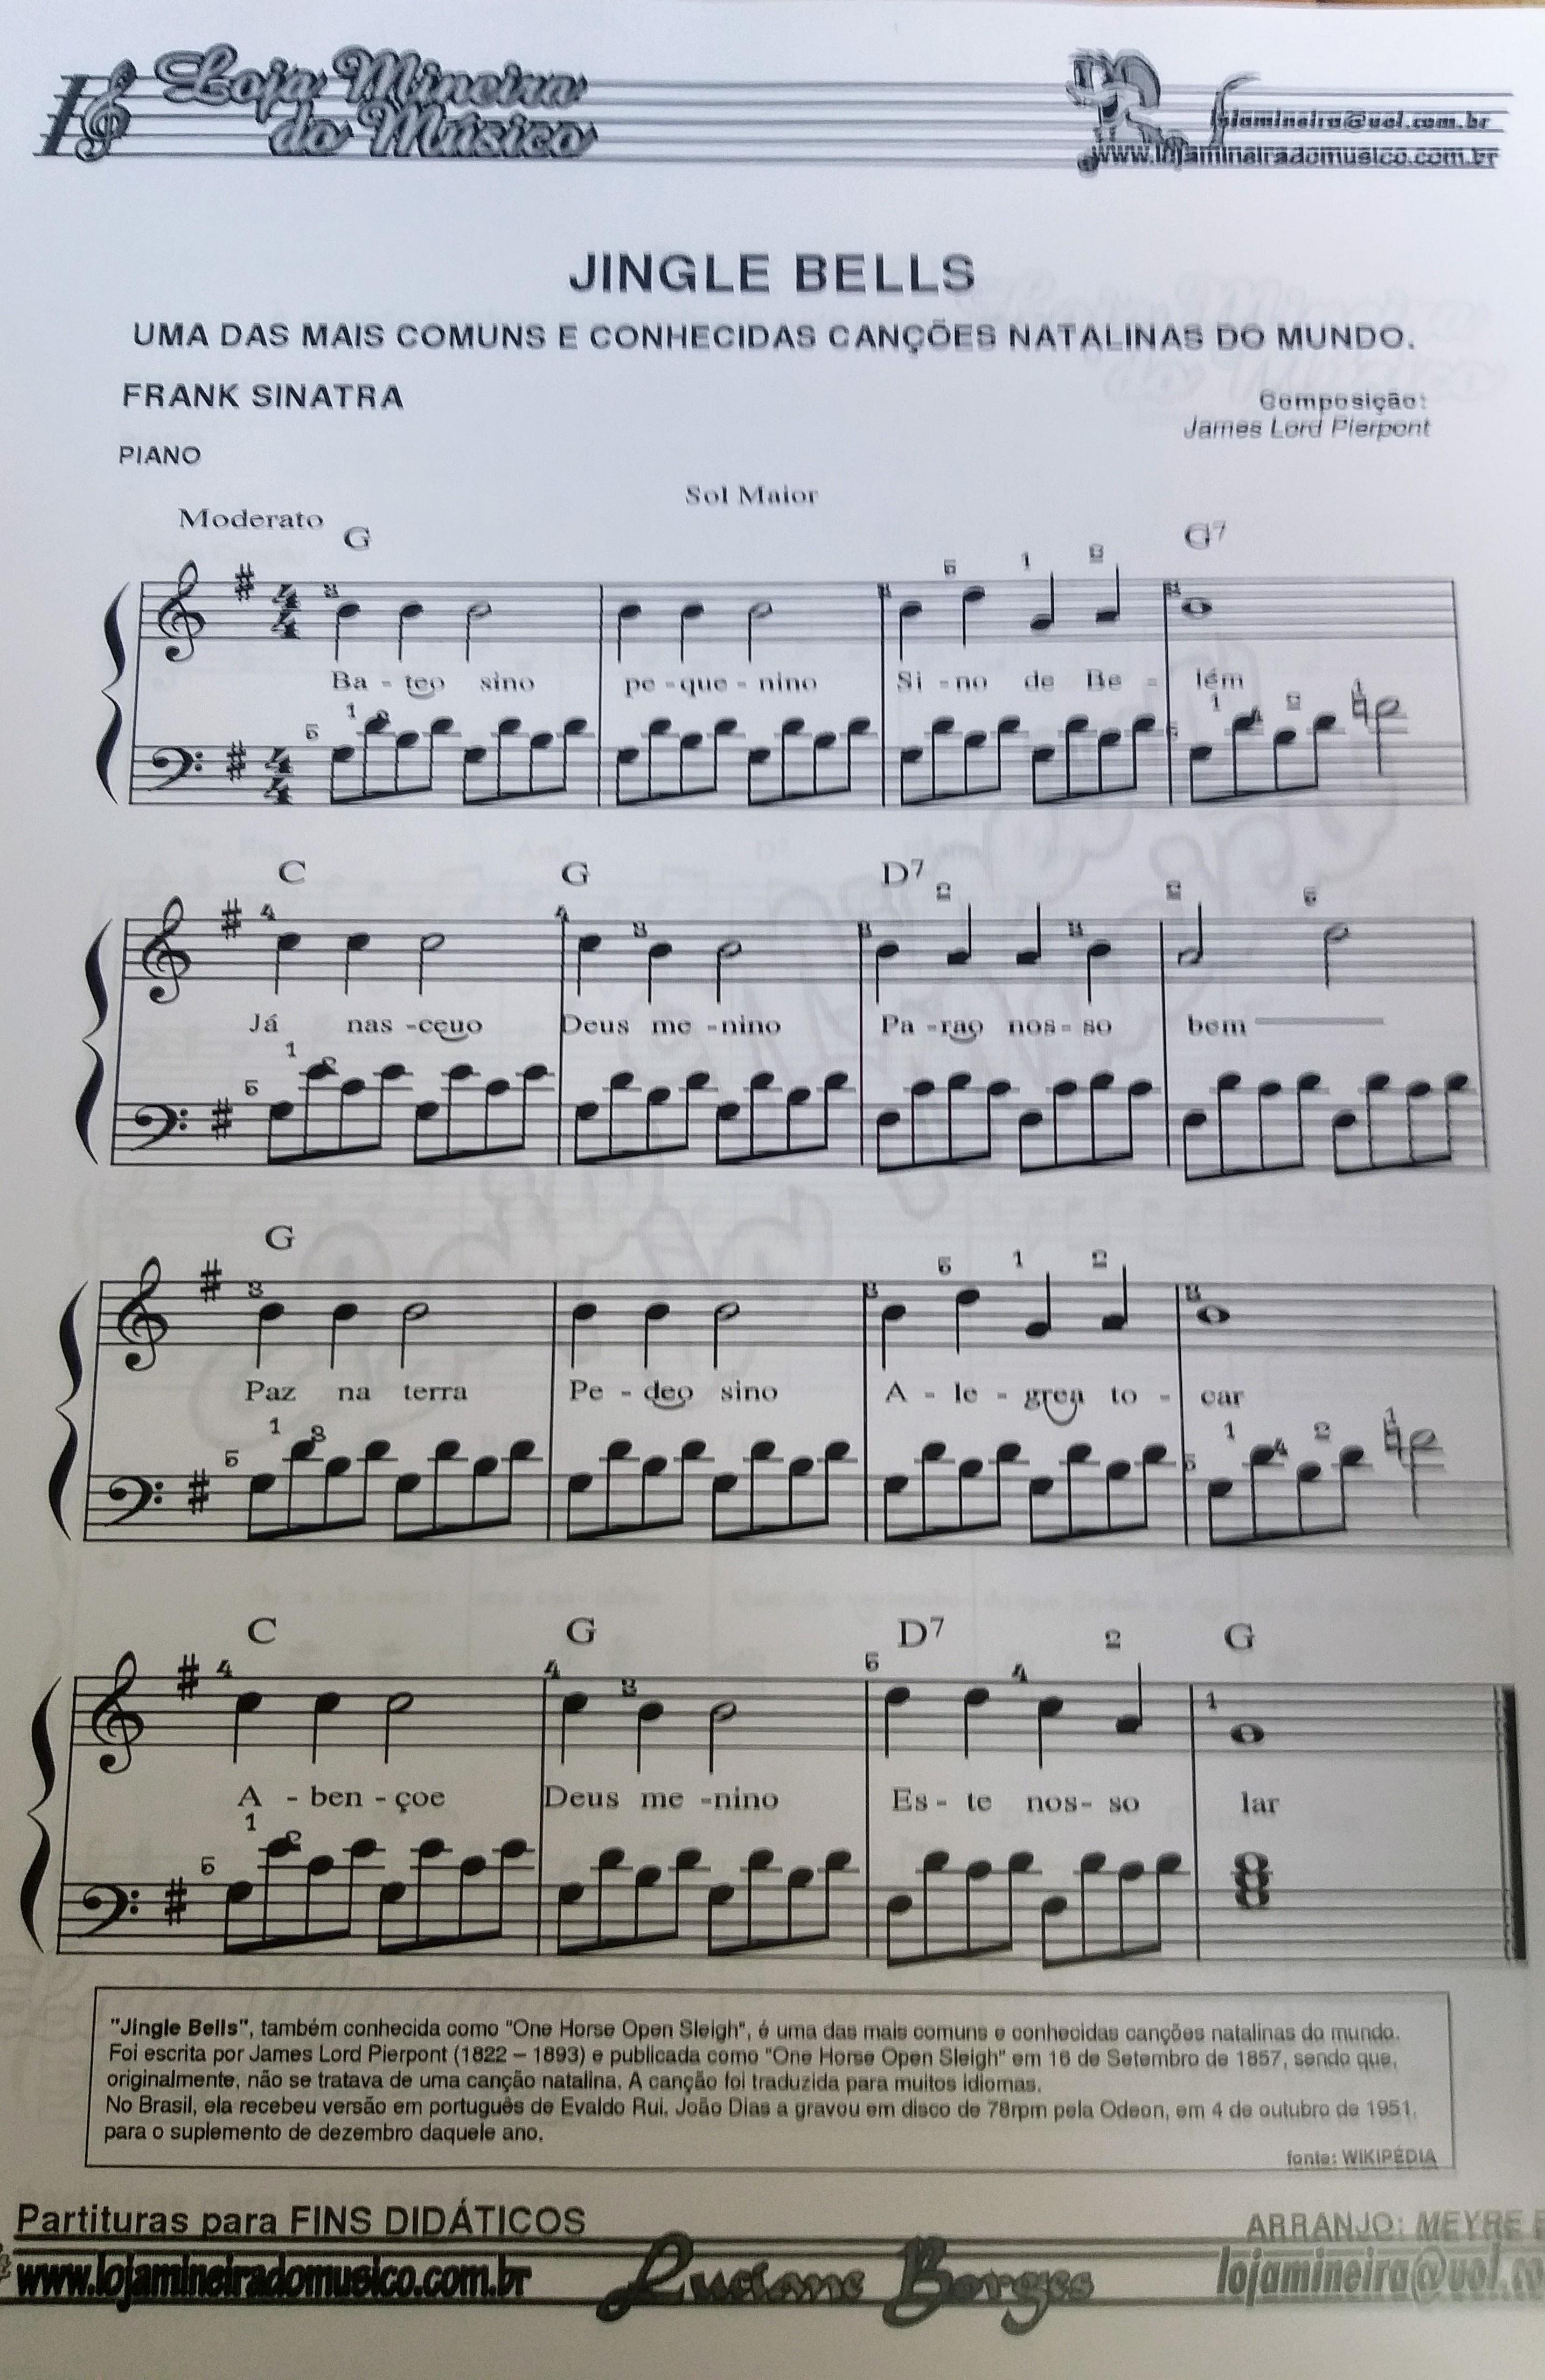 Bate o sino pequenino Partitura de Jingle Bel para Piano Facil Natalinas Partituras para Piano em PDF Loja Mineira do Musico